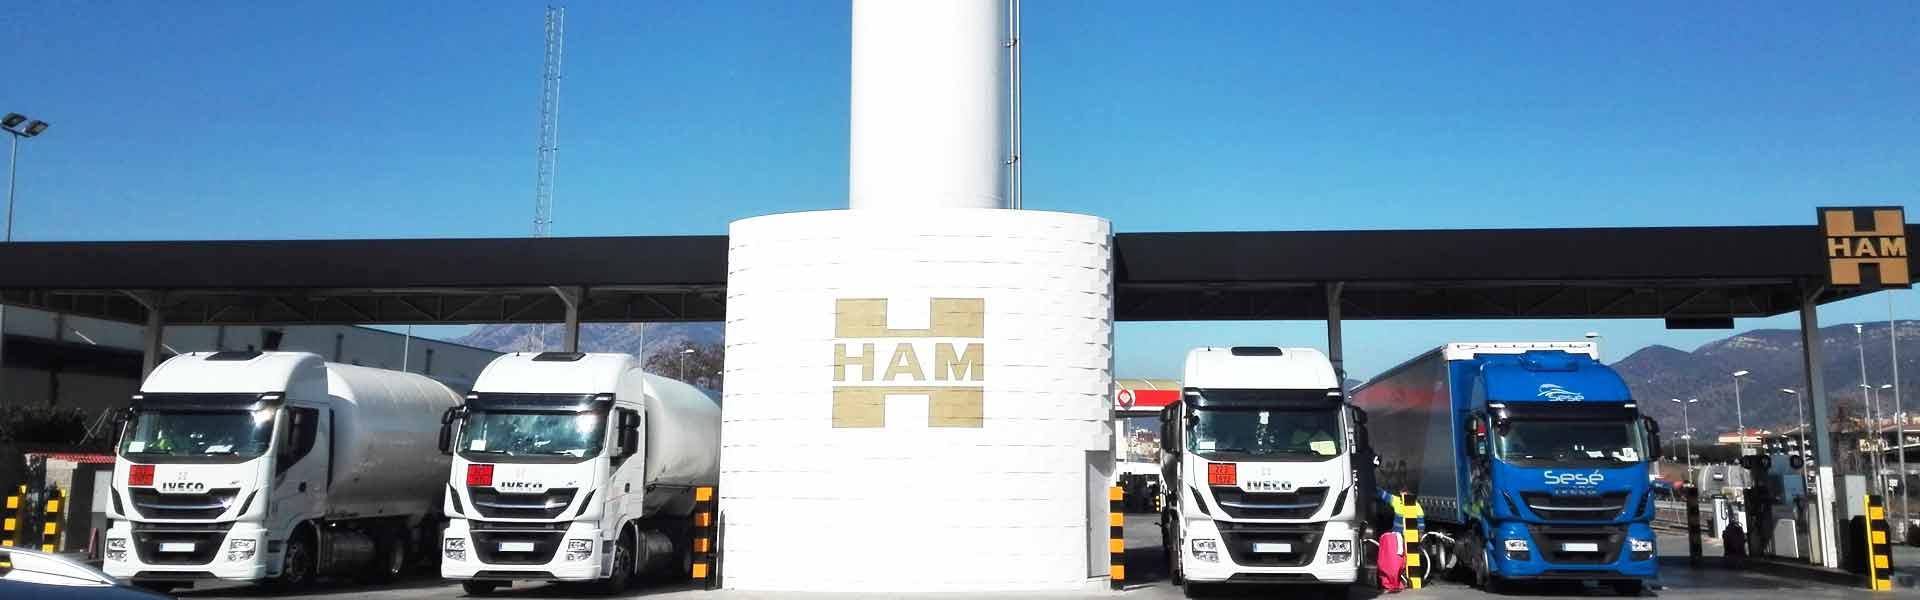 Le stazioni di servizio GNL di Ham Italia consentono ai veicoli pesanti di rifornire di carburante combustibile più economico ed pulito